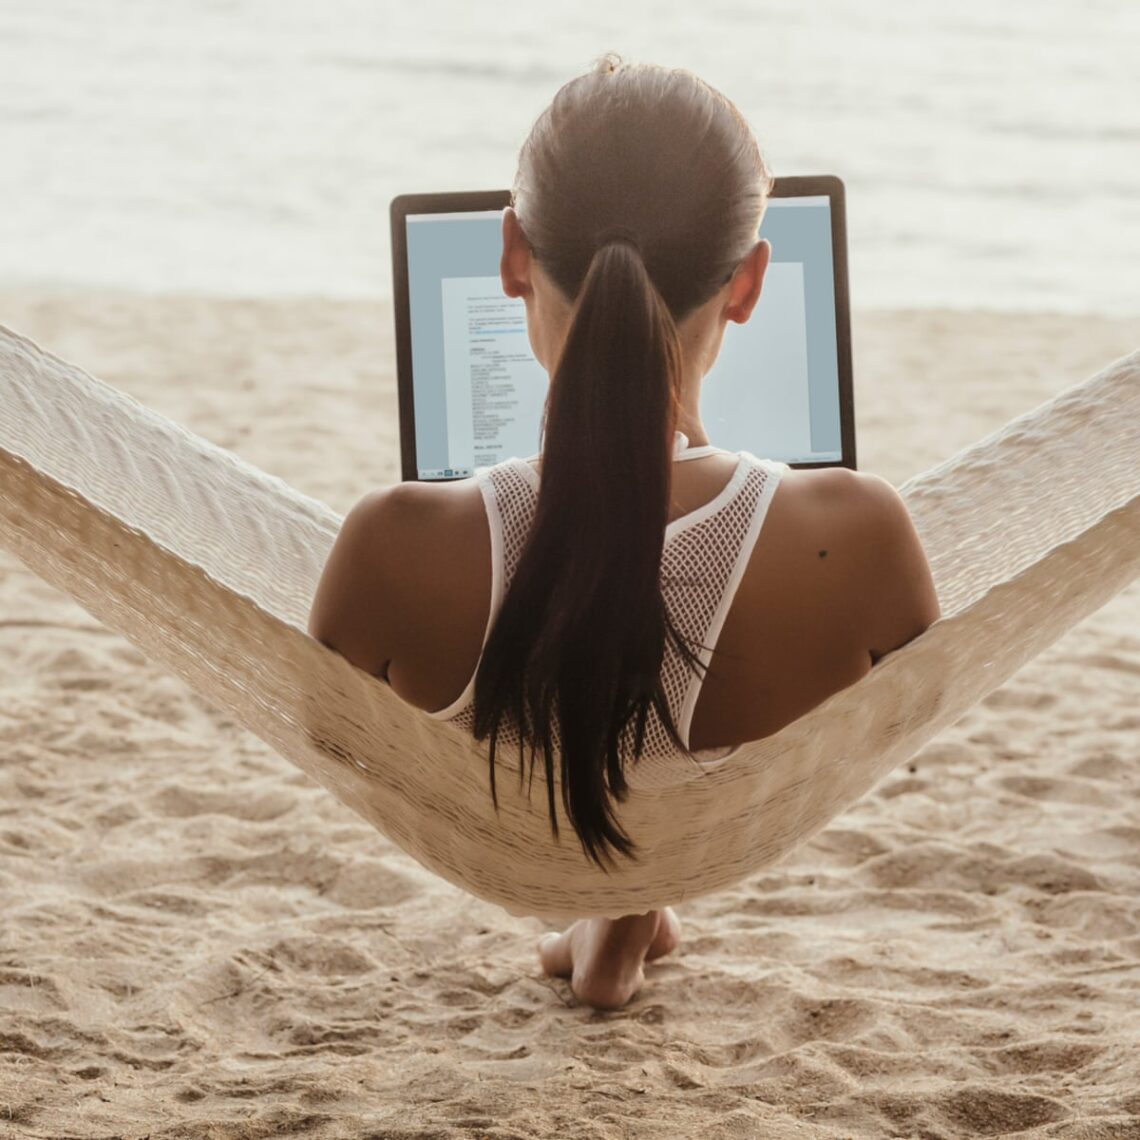 Travelամփորդությունը և հեռավար աշխատանքը համատեղելը աճող միտում է